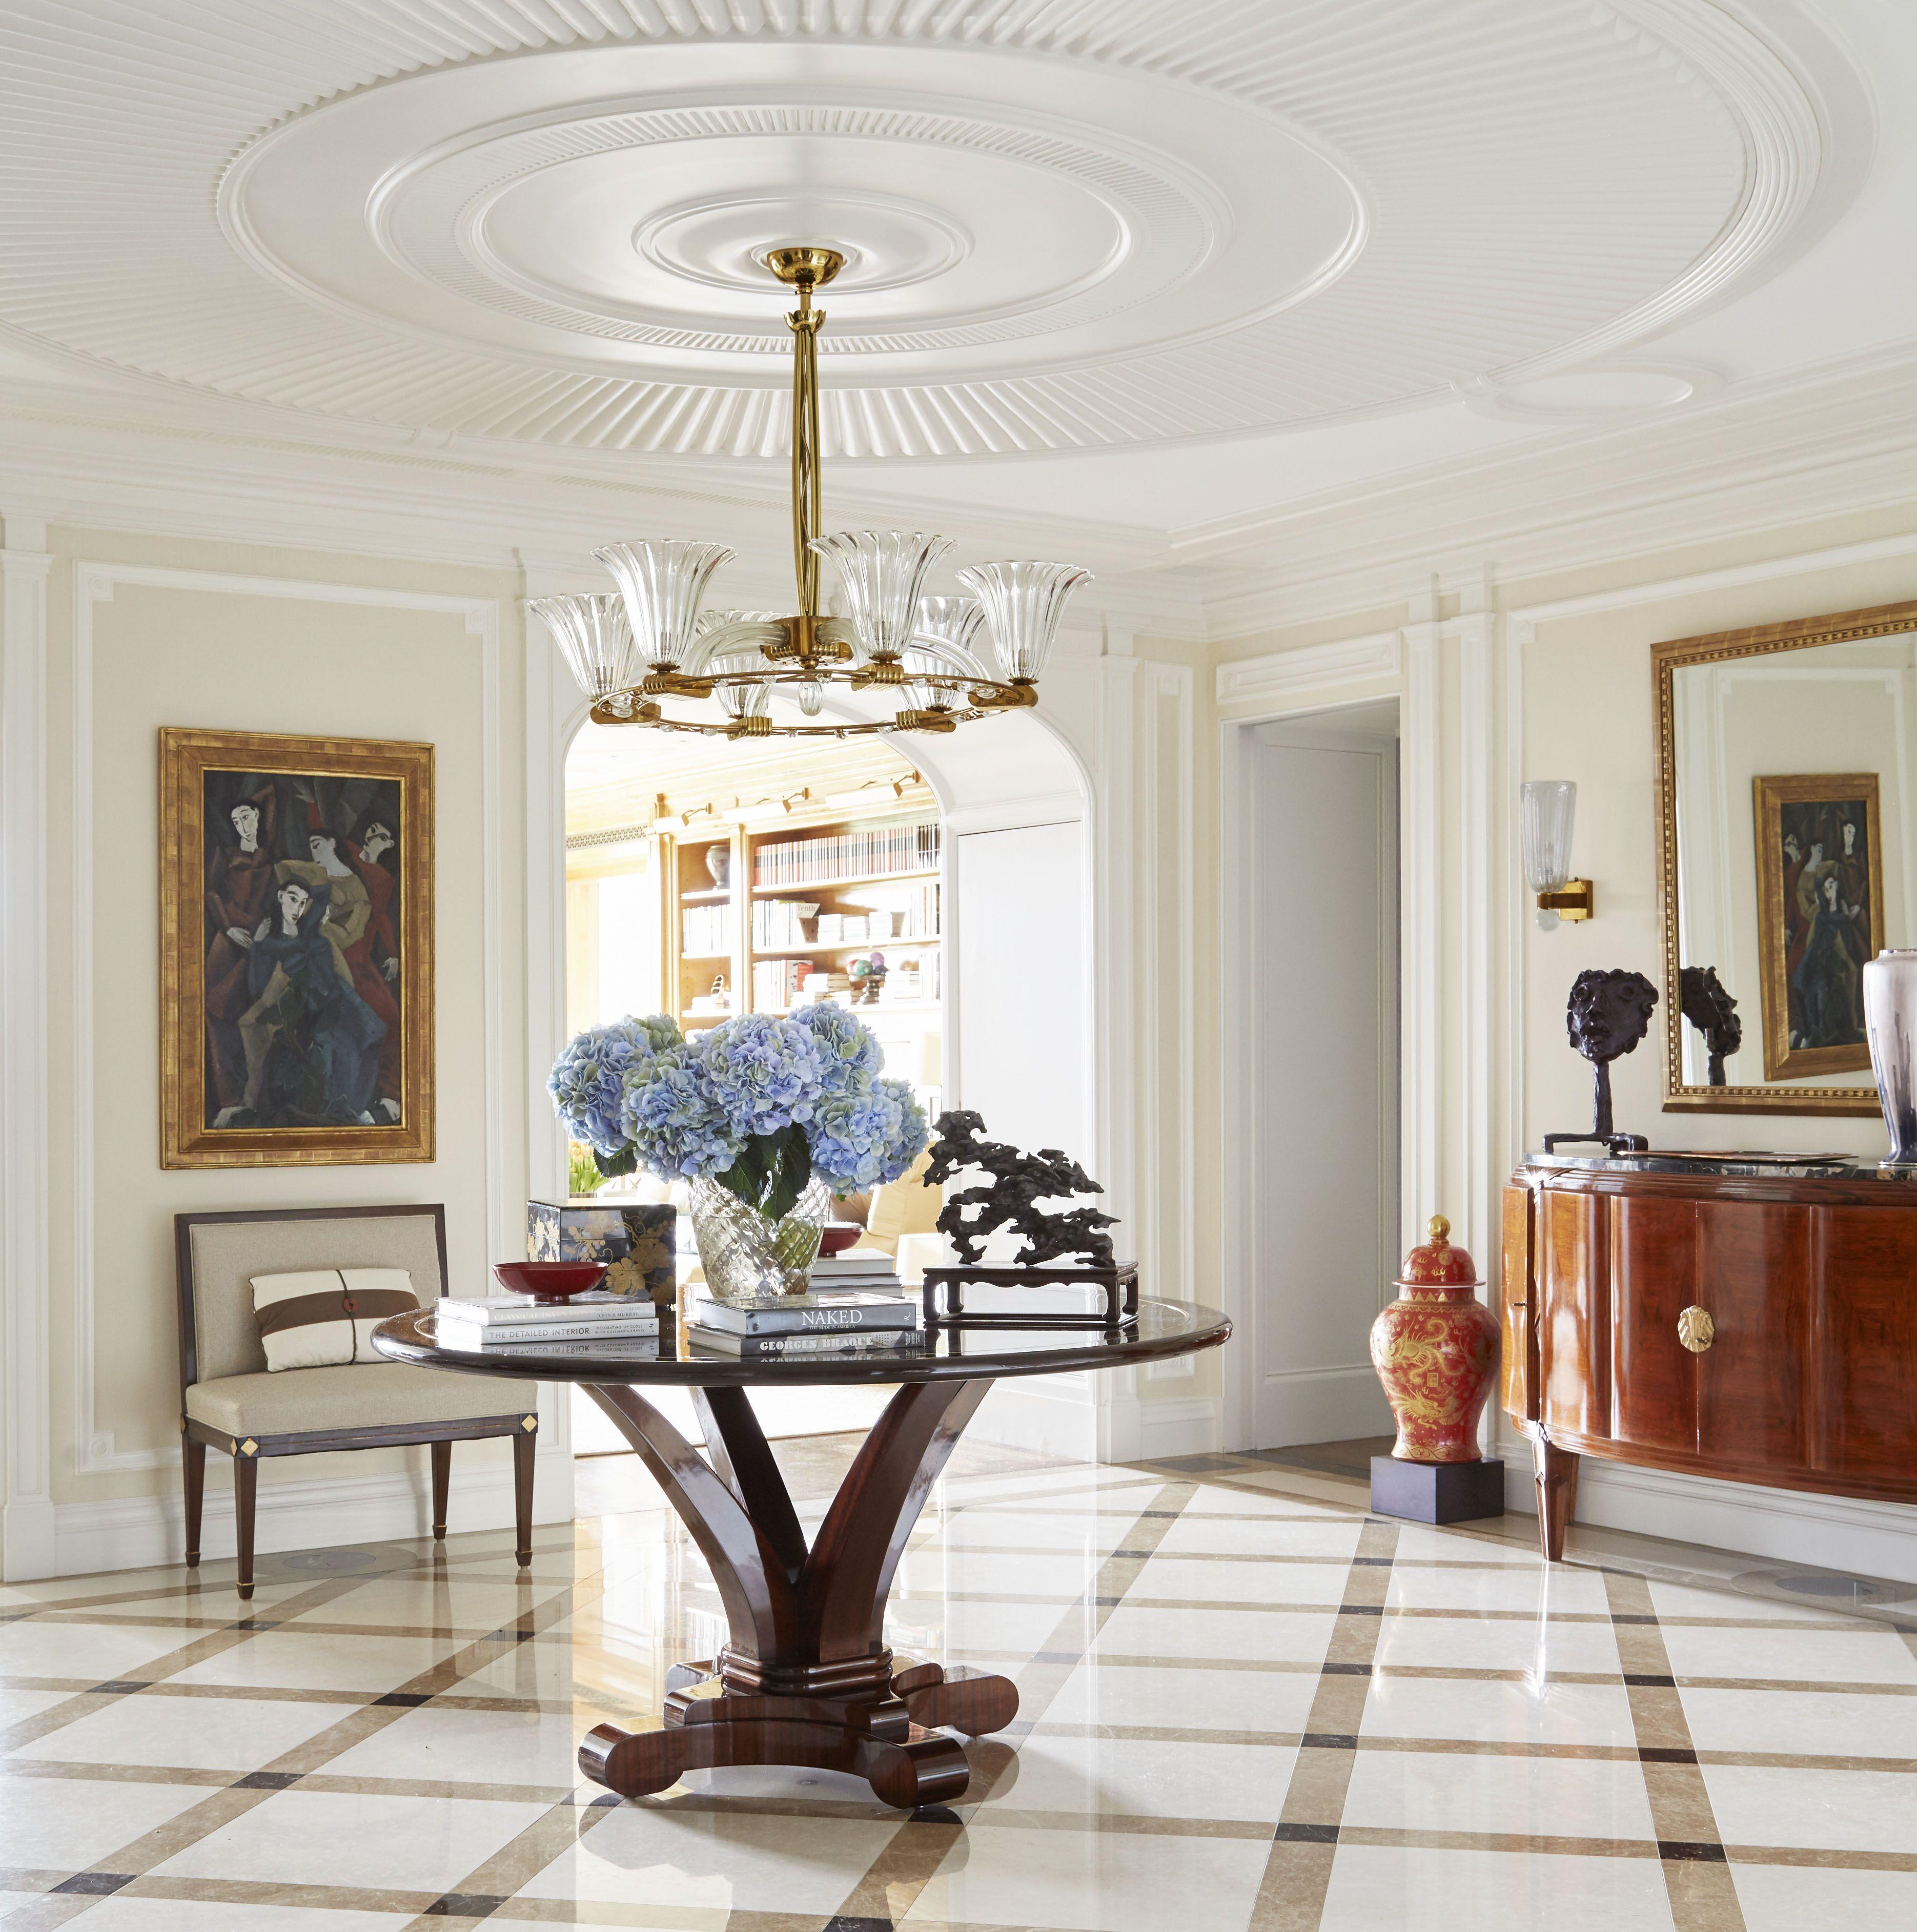 14 Best Entryway Ideas - Luxury Foyer Ideas by Designers